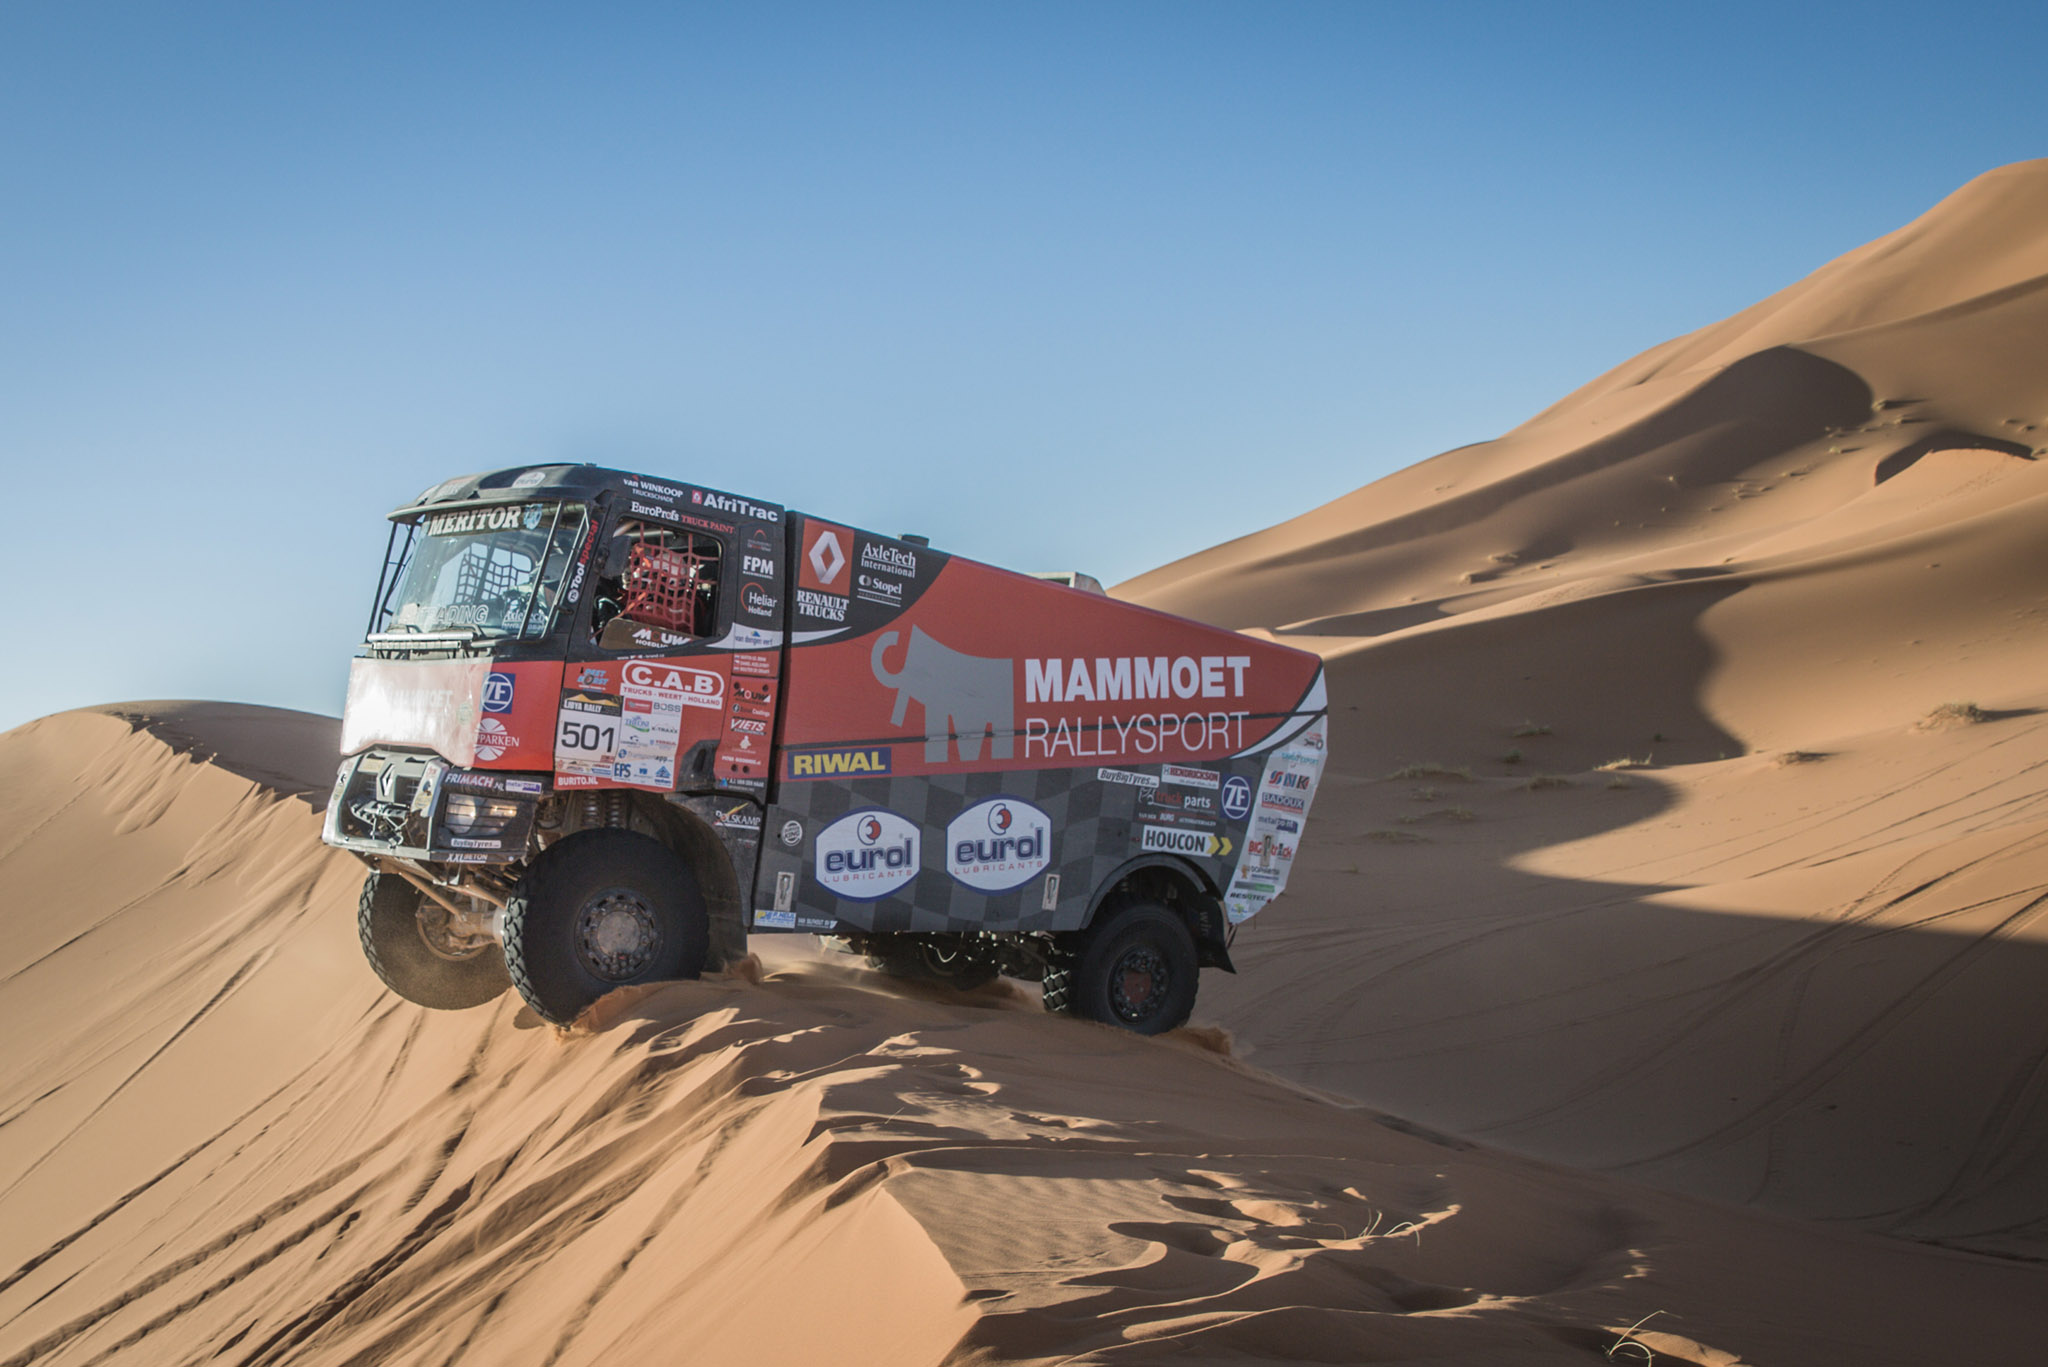 Mammoet rallysport ruikt de winst in Libya rally